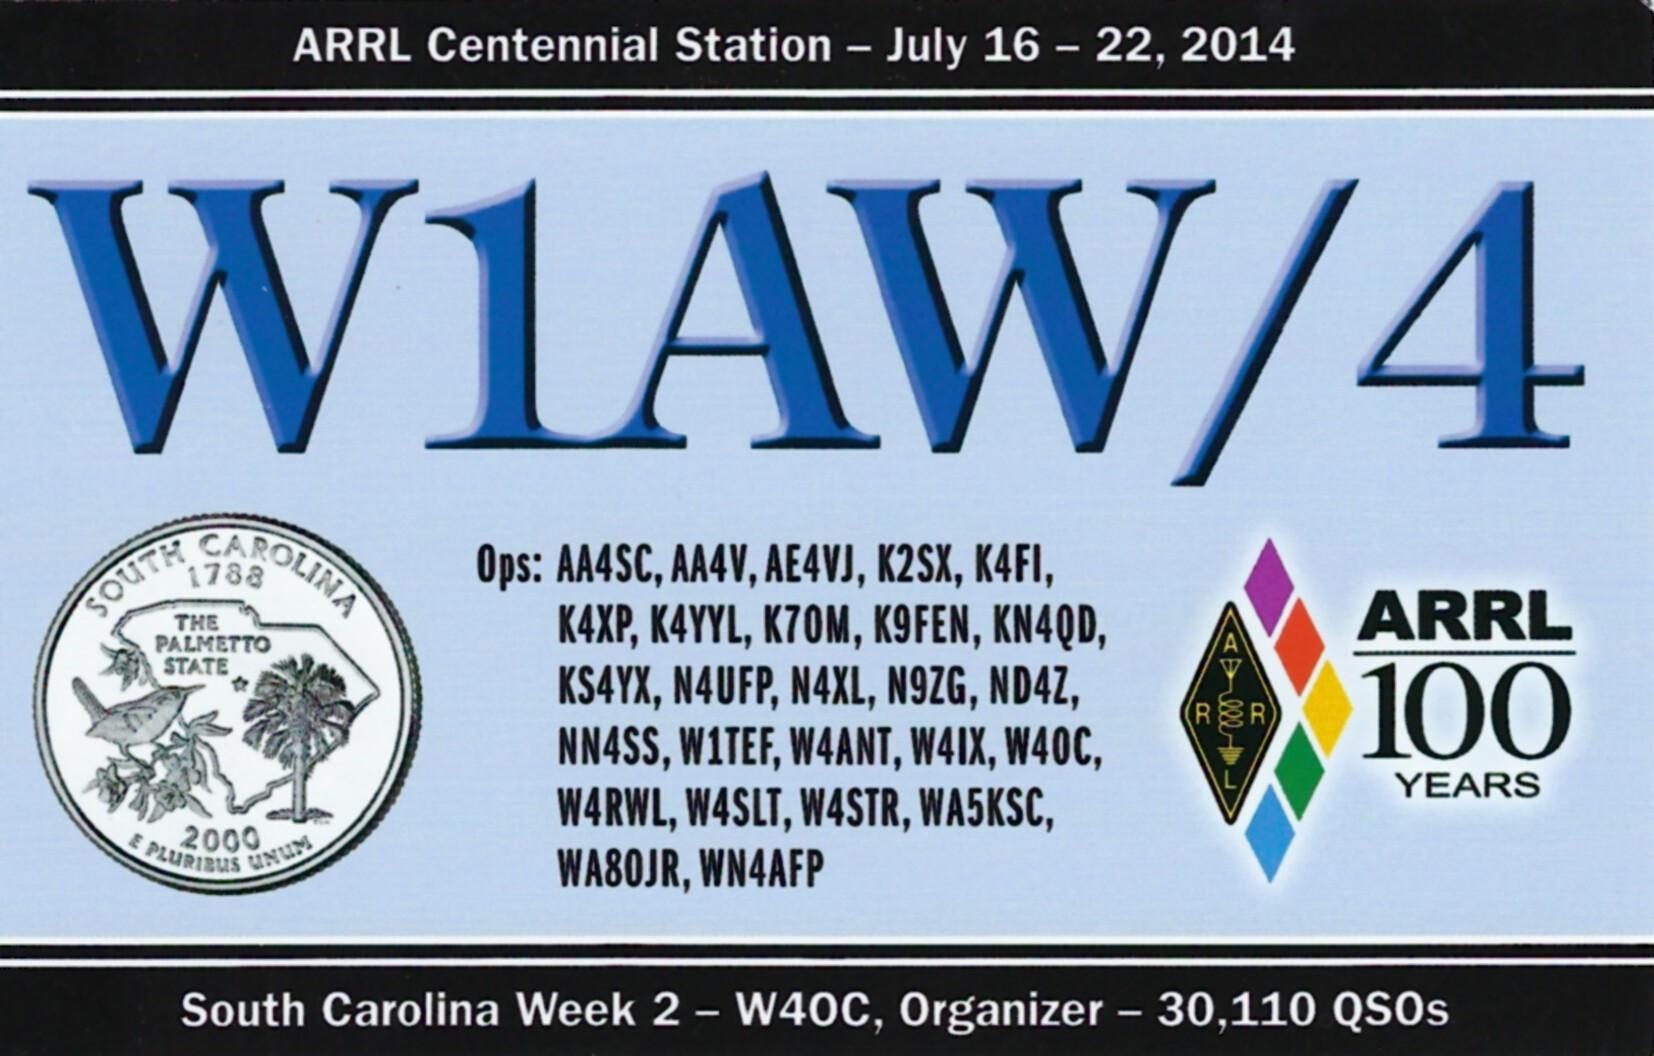 W1AW-4 SC2